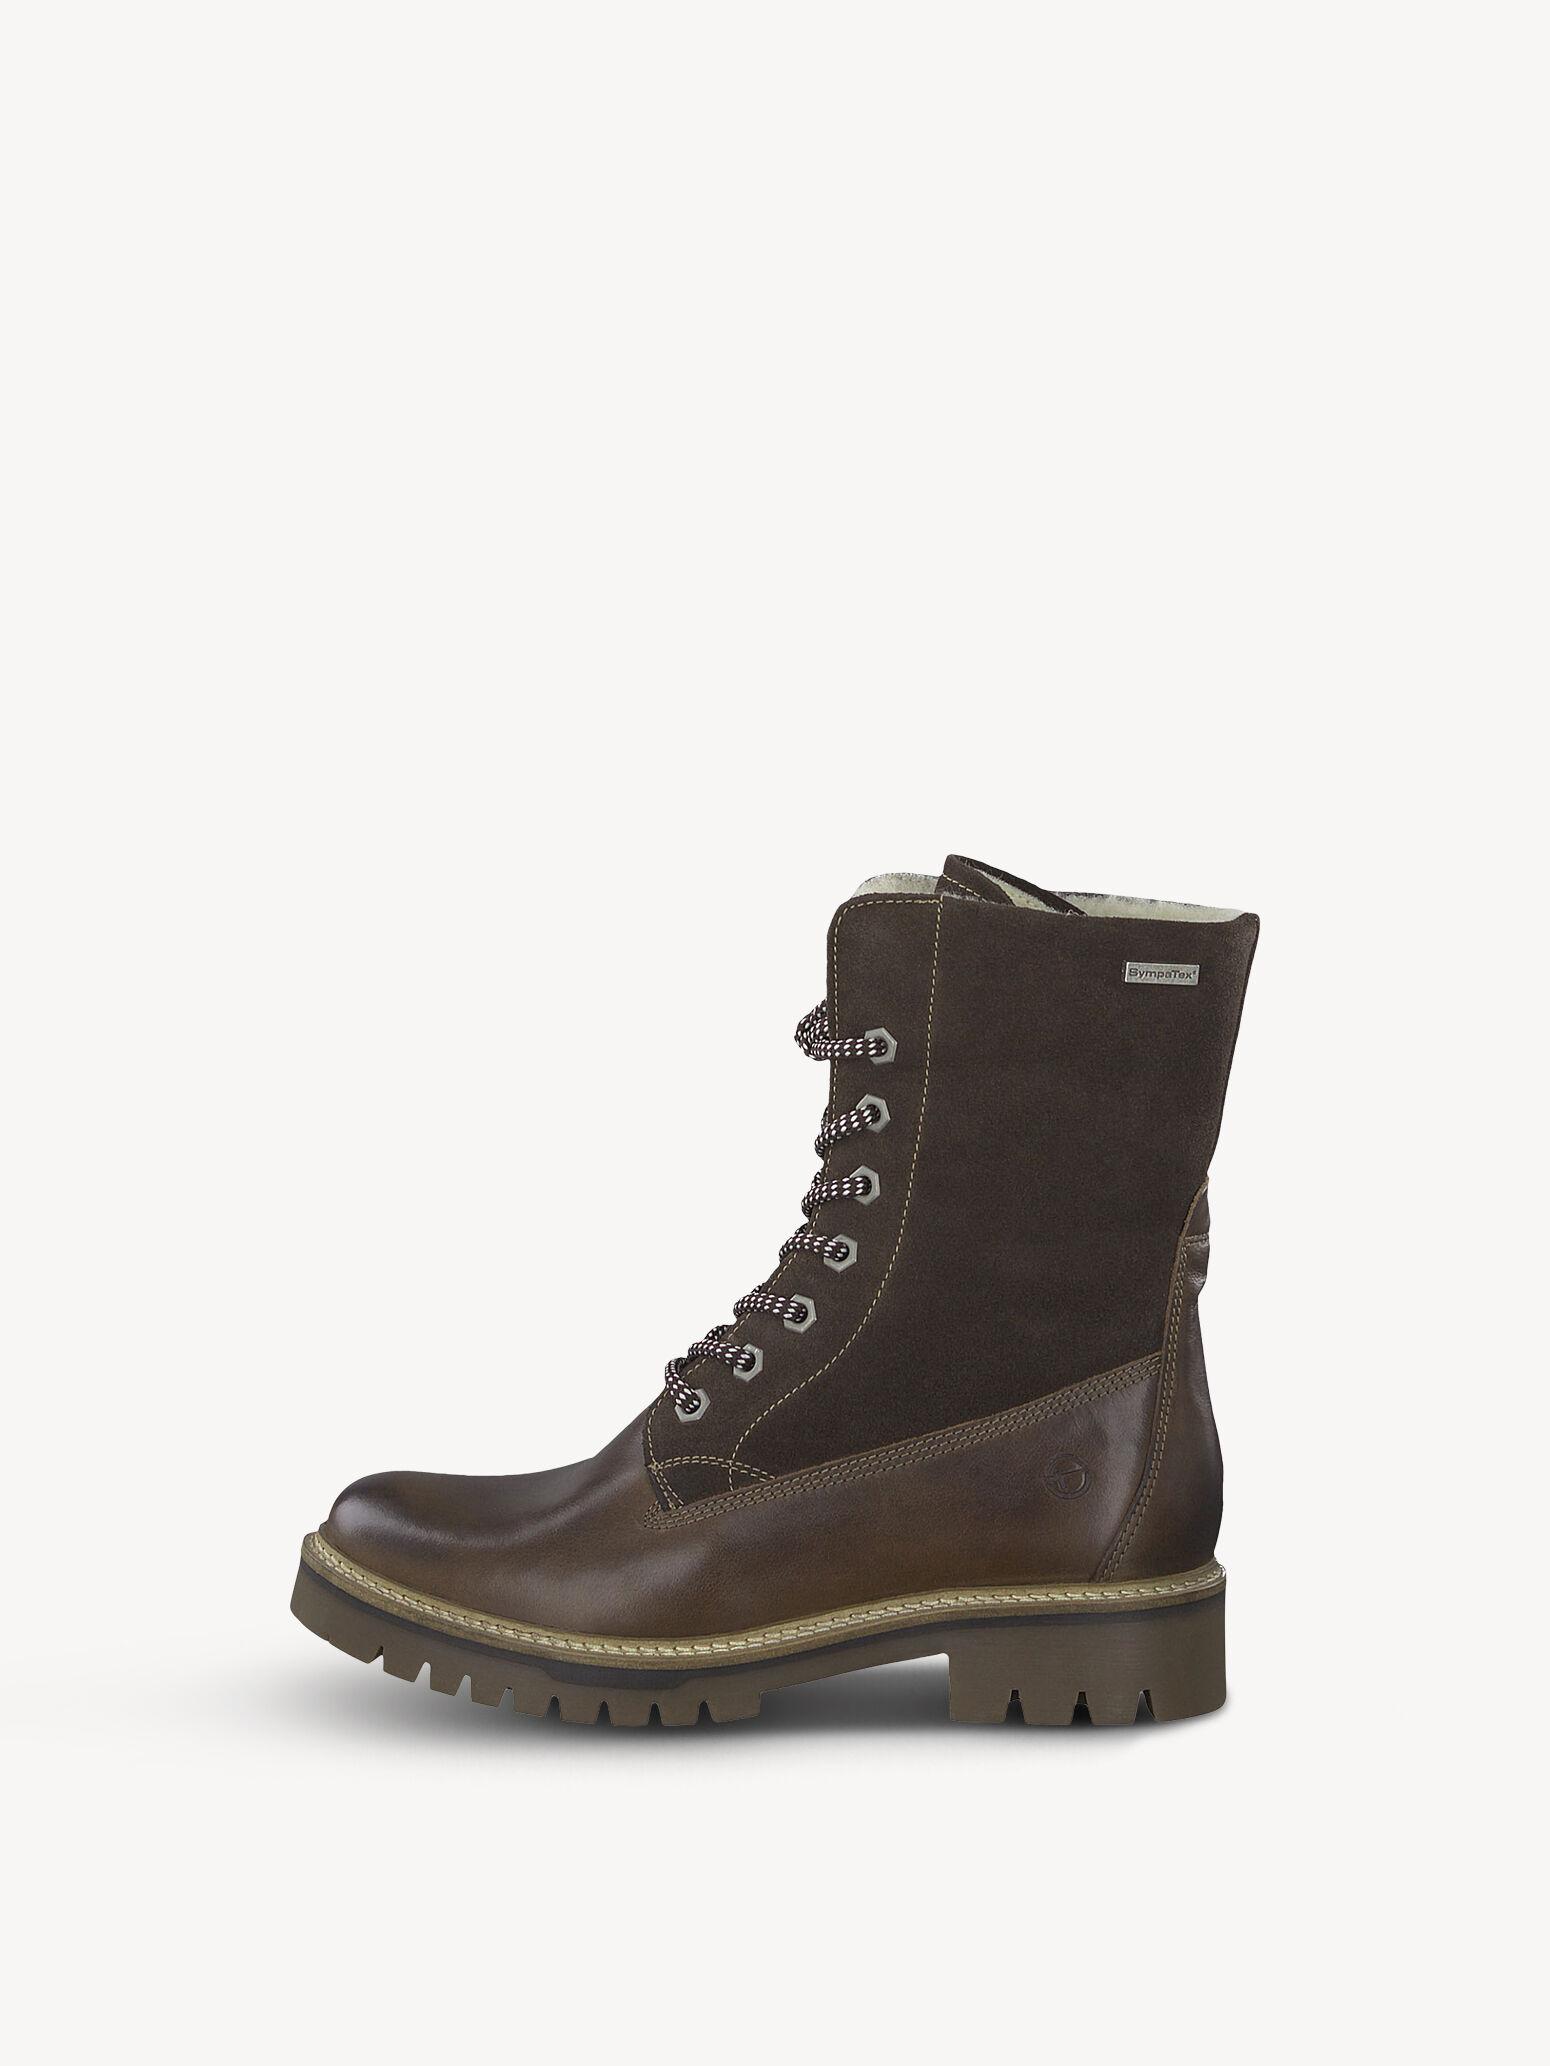 tamaris boots goretex